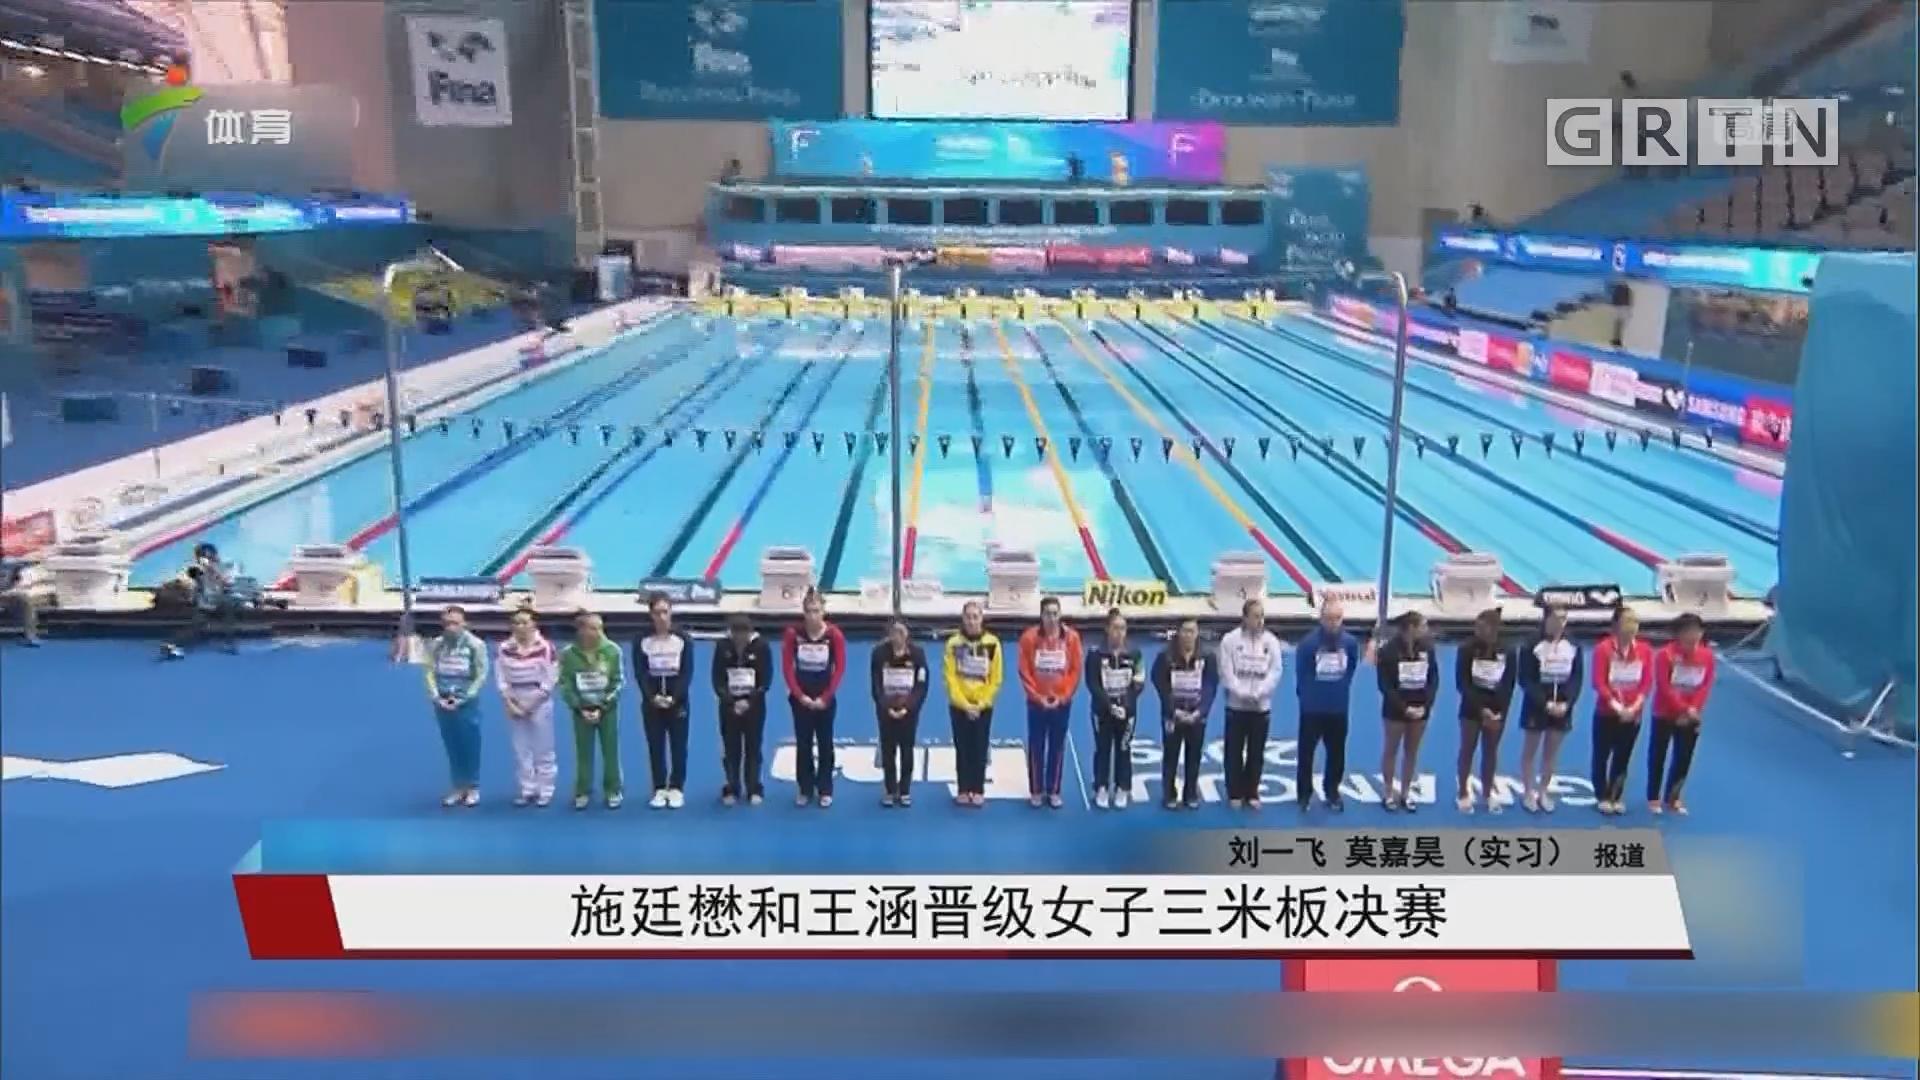 施廷懋和王涵晋级女子三米板决赛